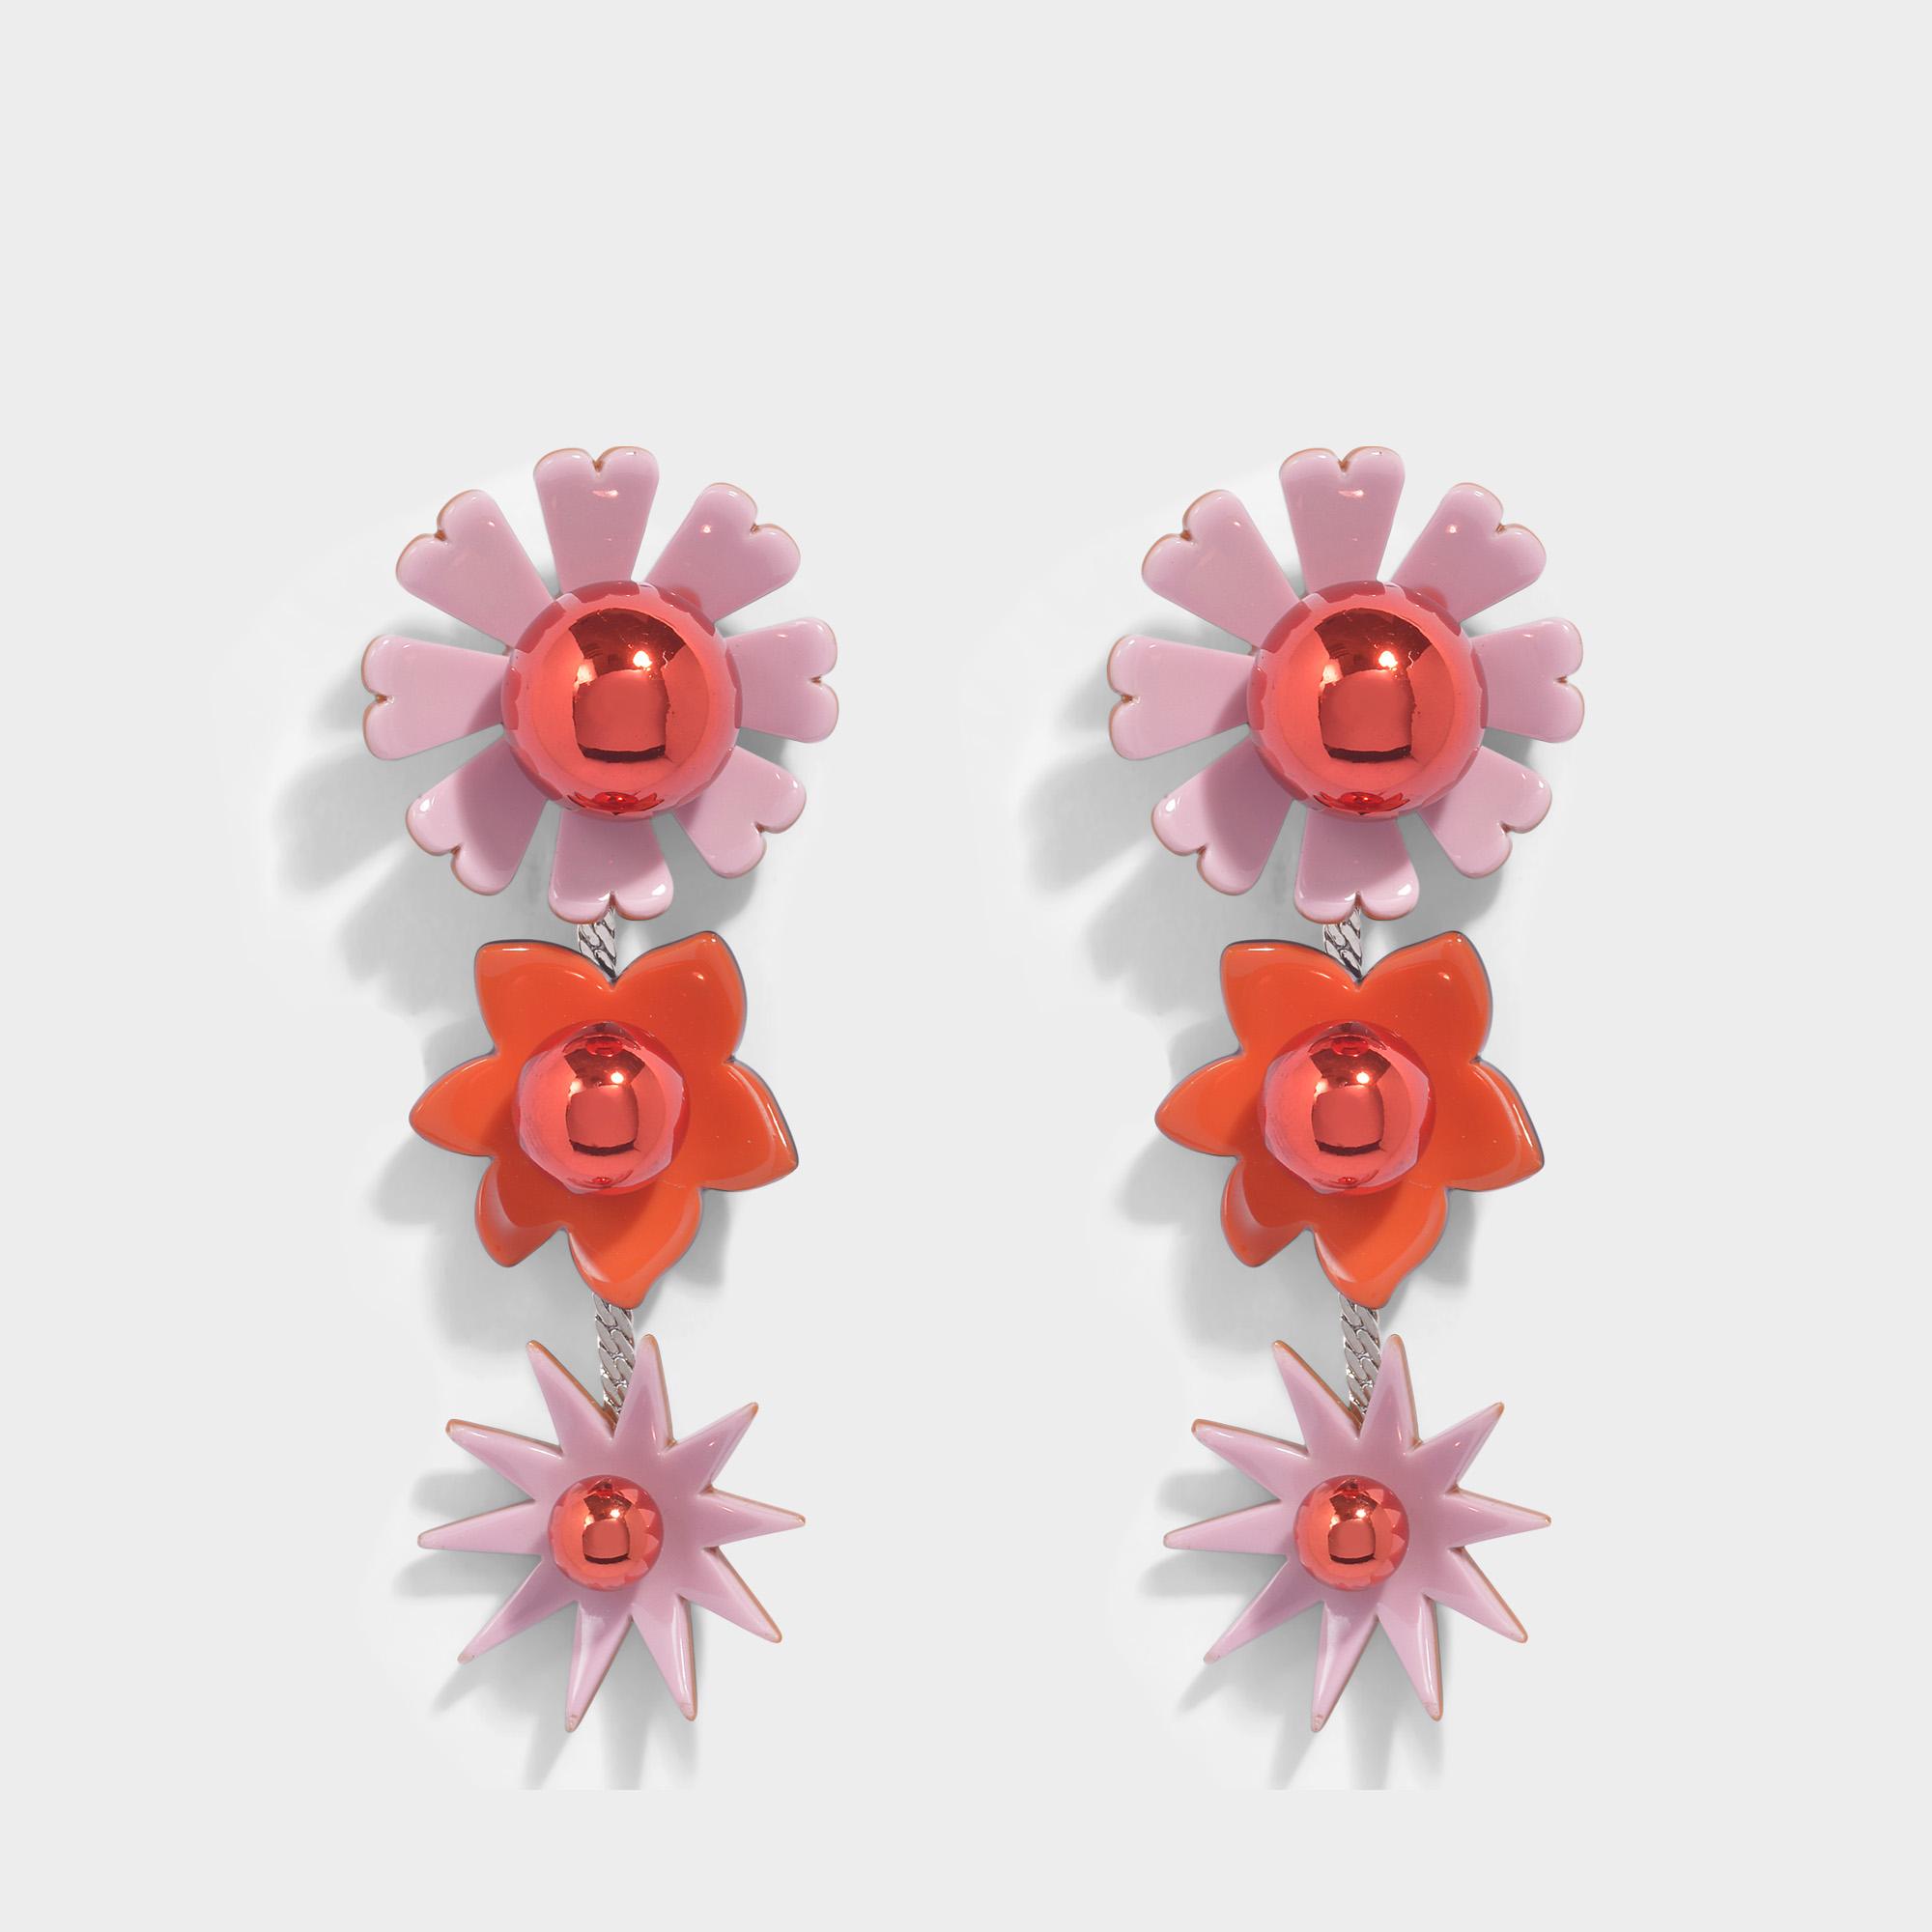 Kenzo Flowers Earrings in Paprika Metal and Plexi Flowers levering Authentieke Goedkope Prijs Te Koop Te Koop KlEeOaV